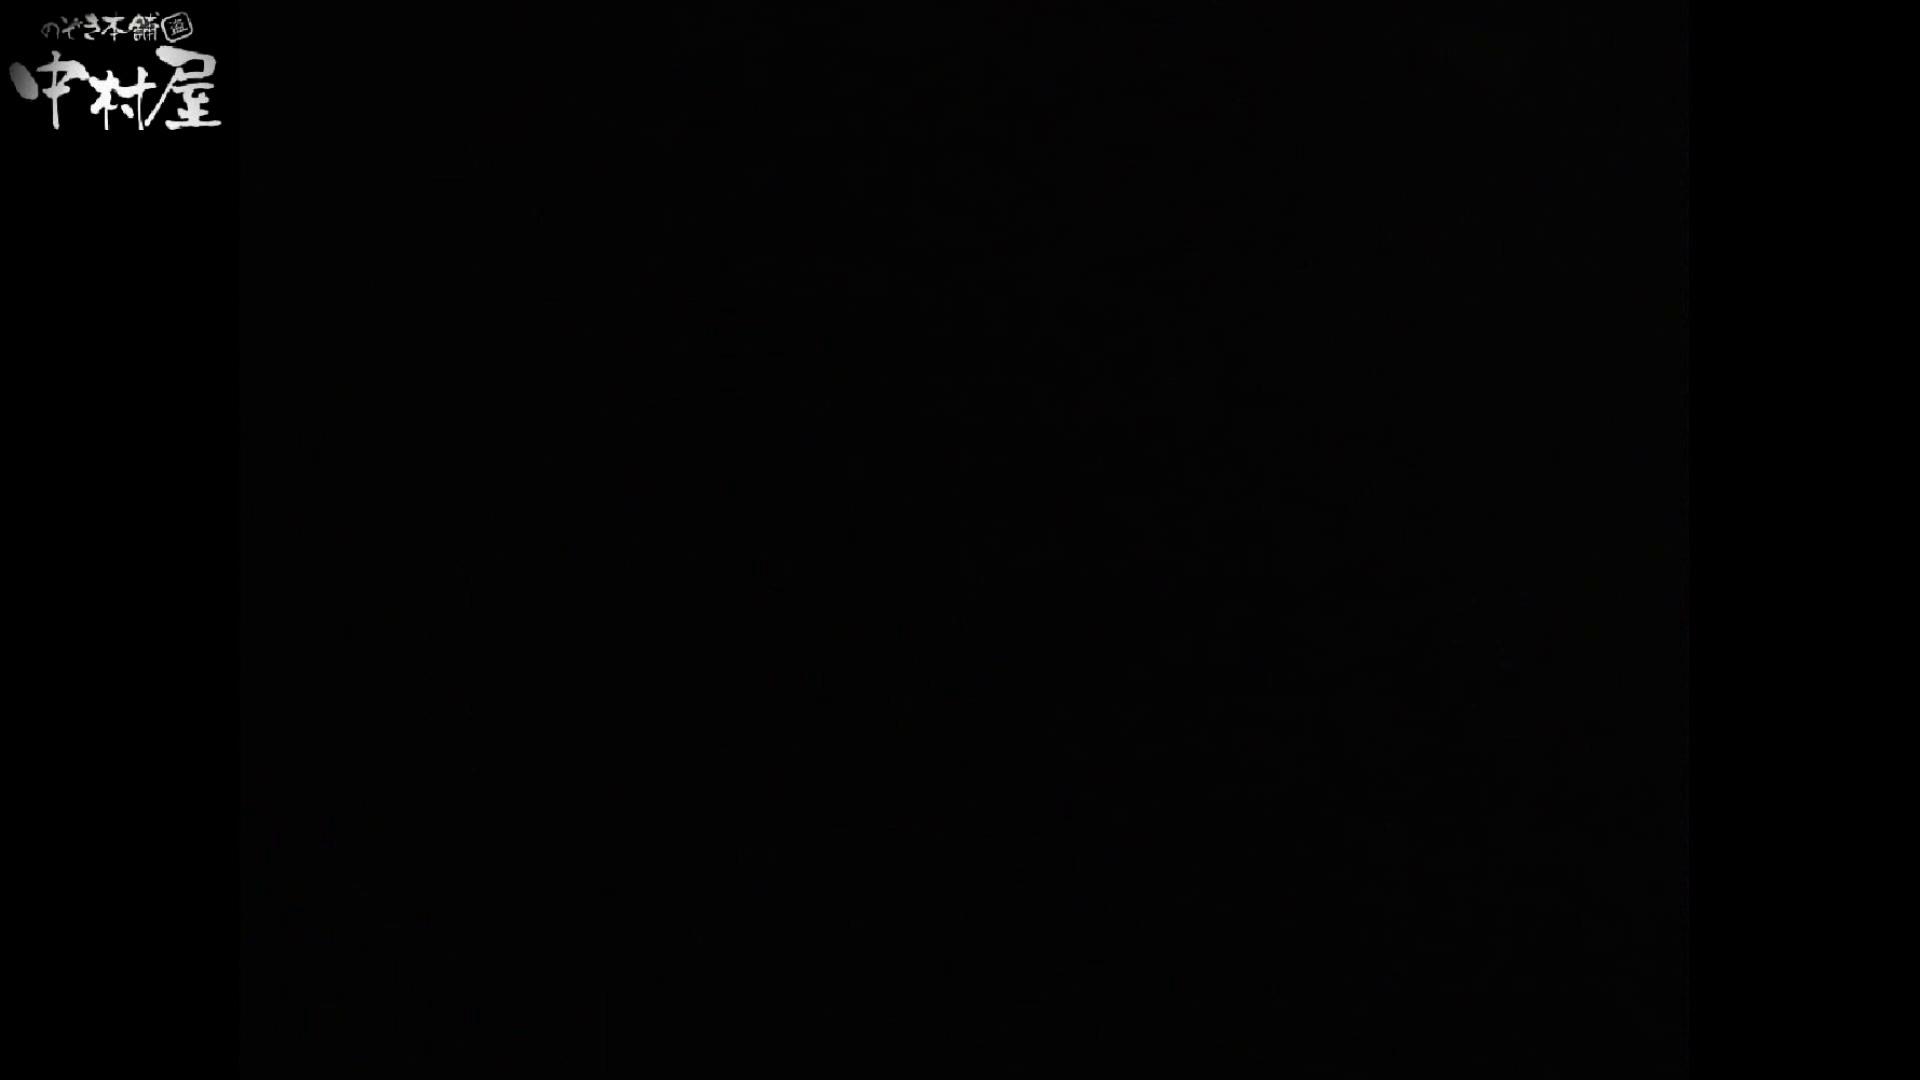 李さんの盗撮日記 Vol.12 和式 盗み撮りAV無料動画キャプチャ 78画像 69